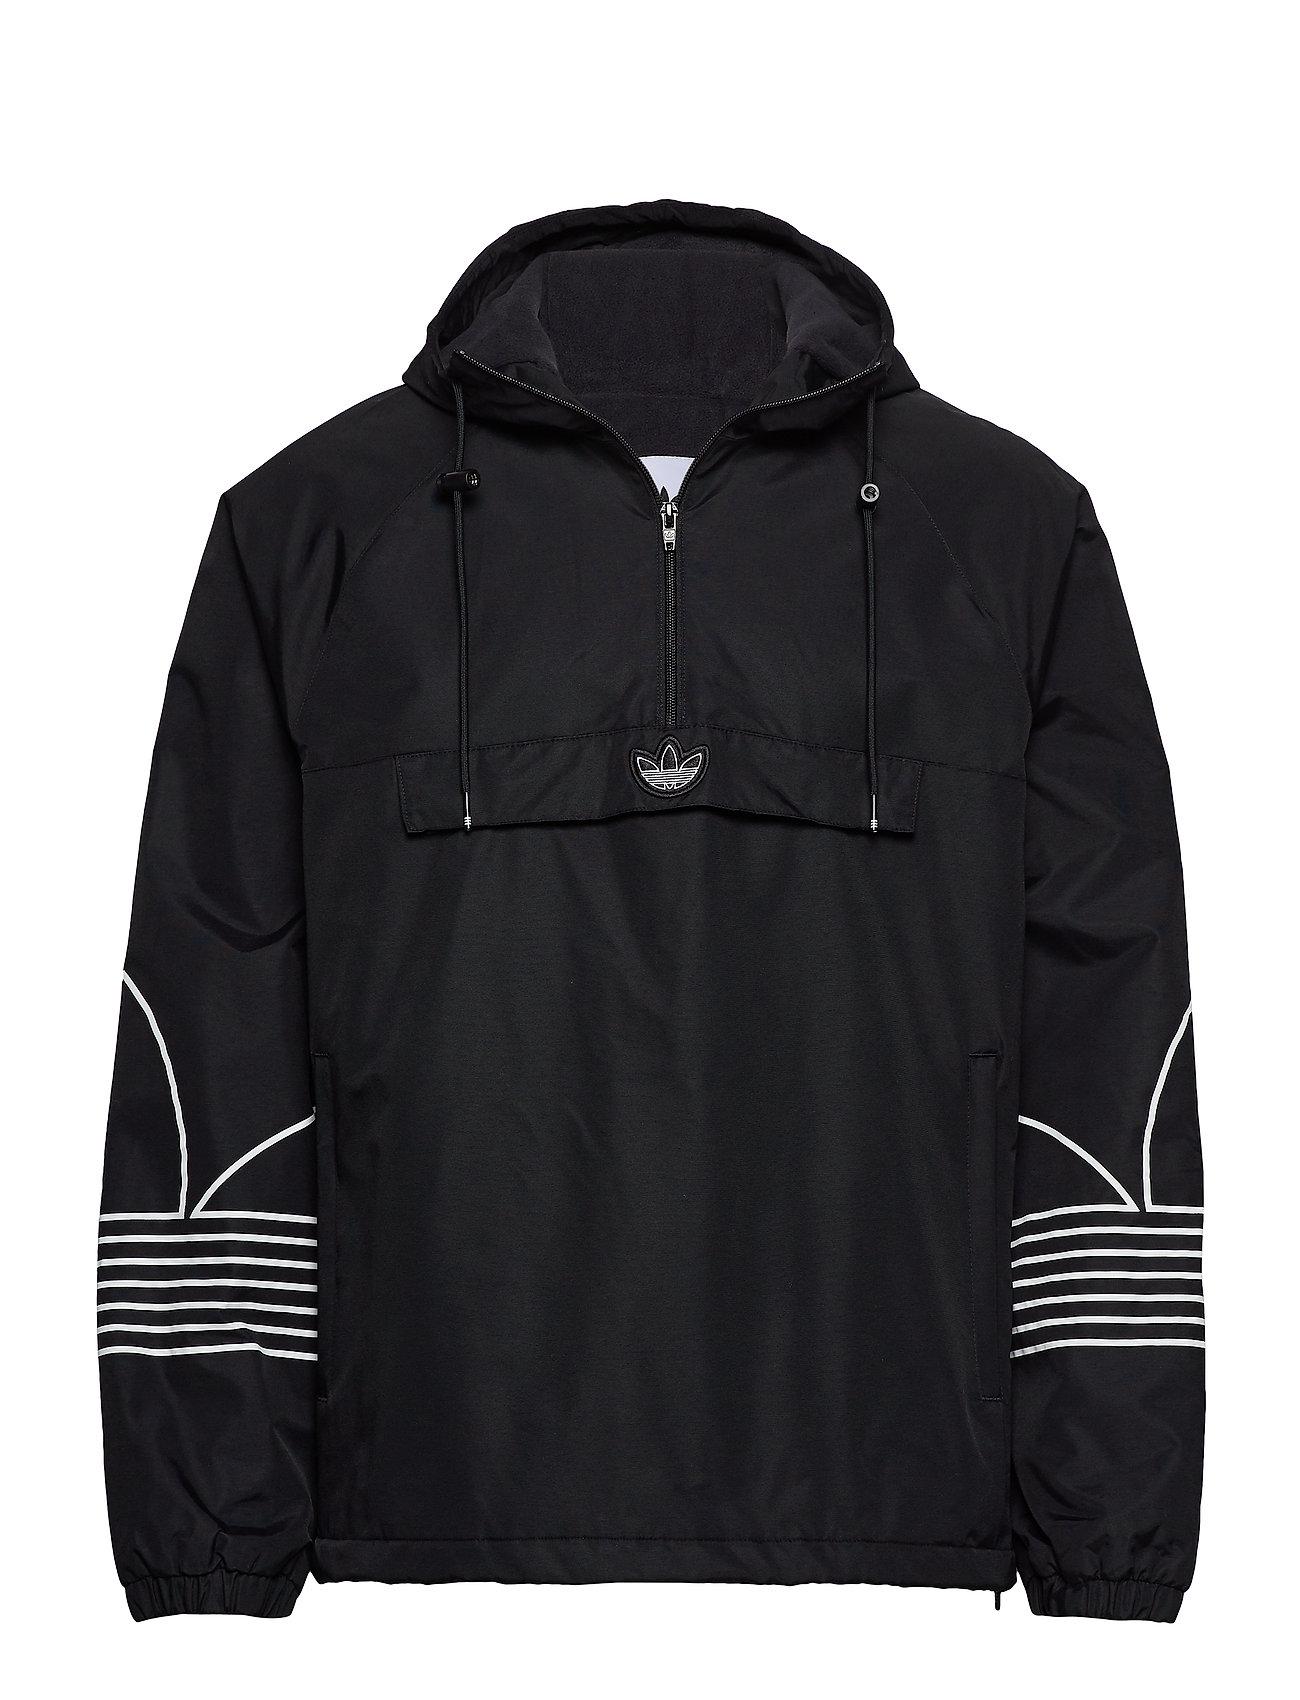 adidas Originals OUTLINE OTH JKT - BLACK